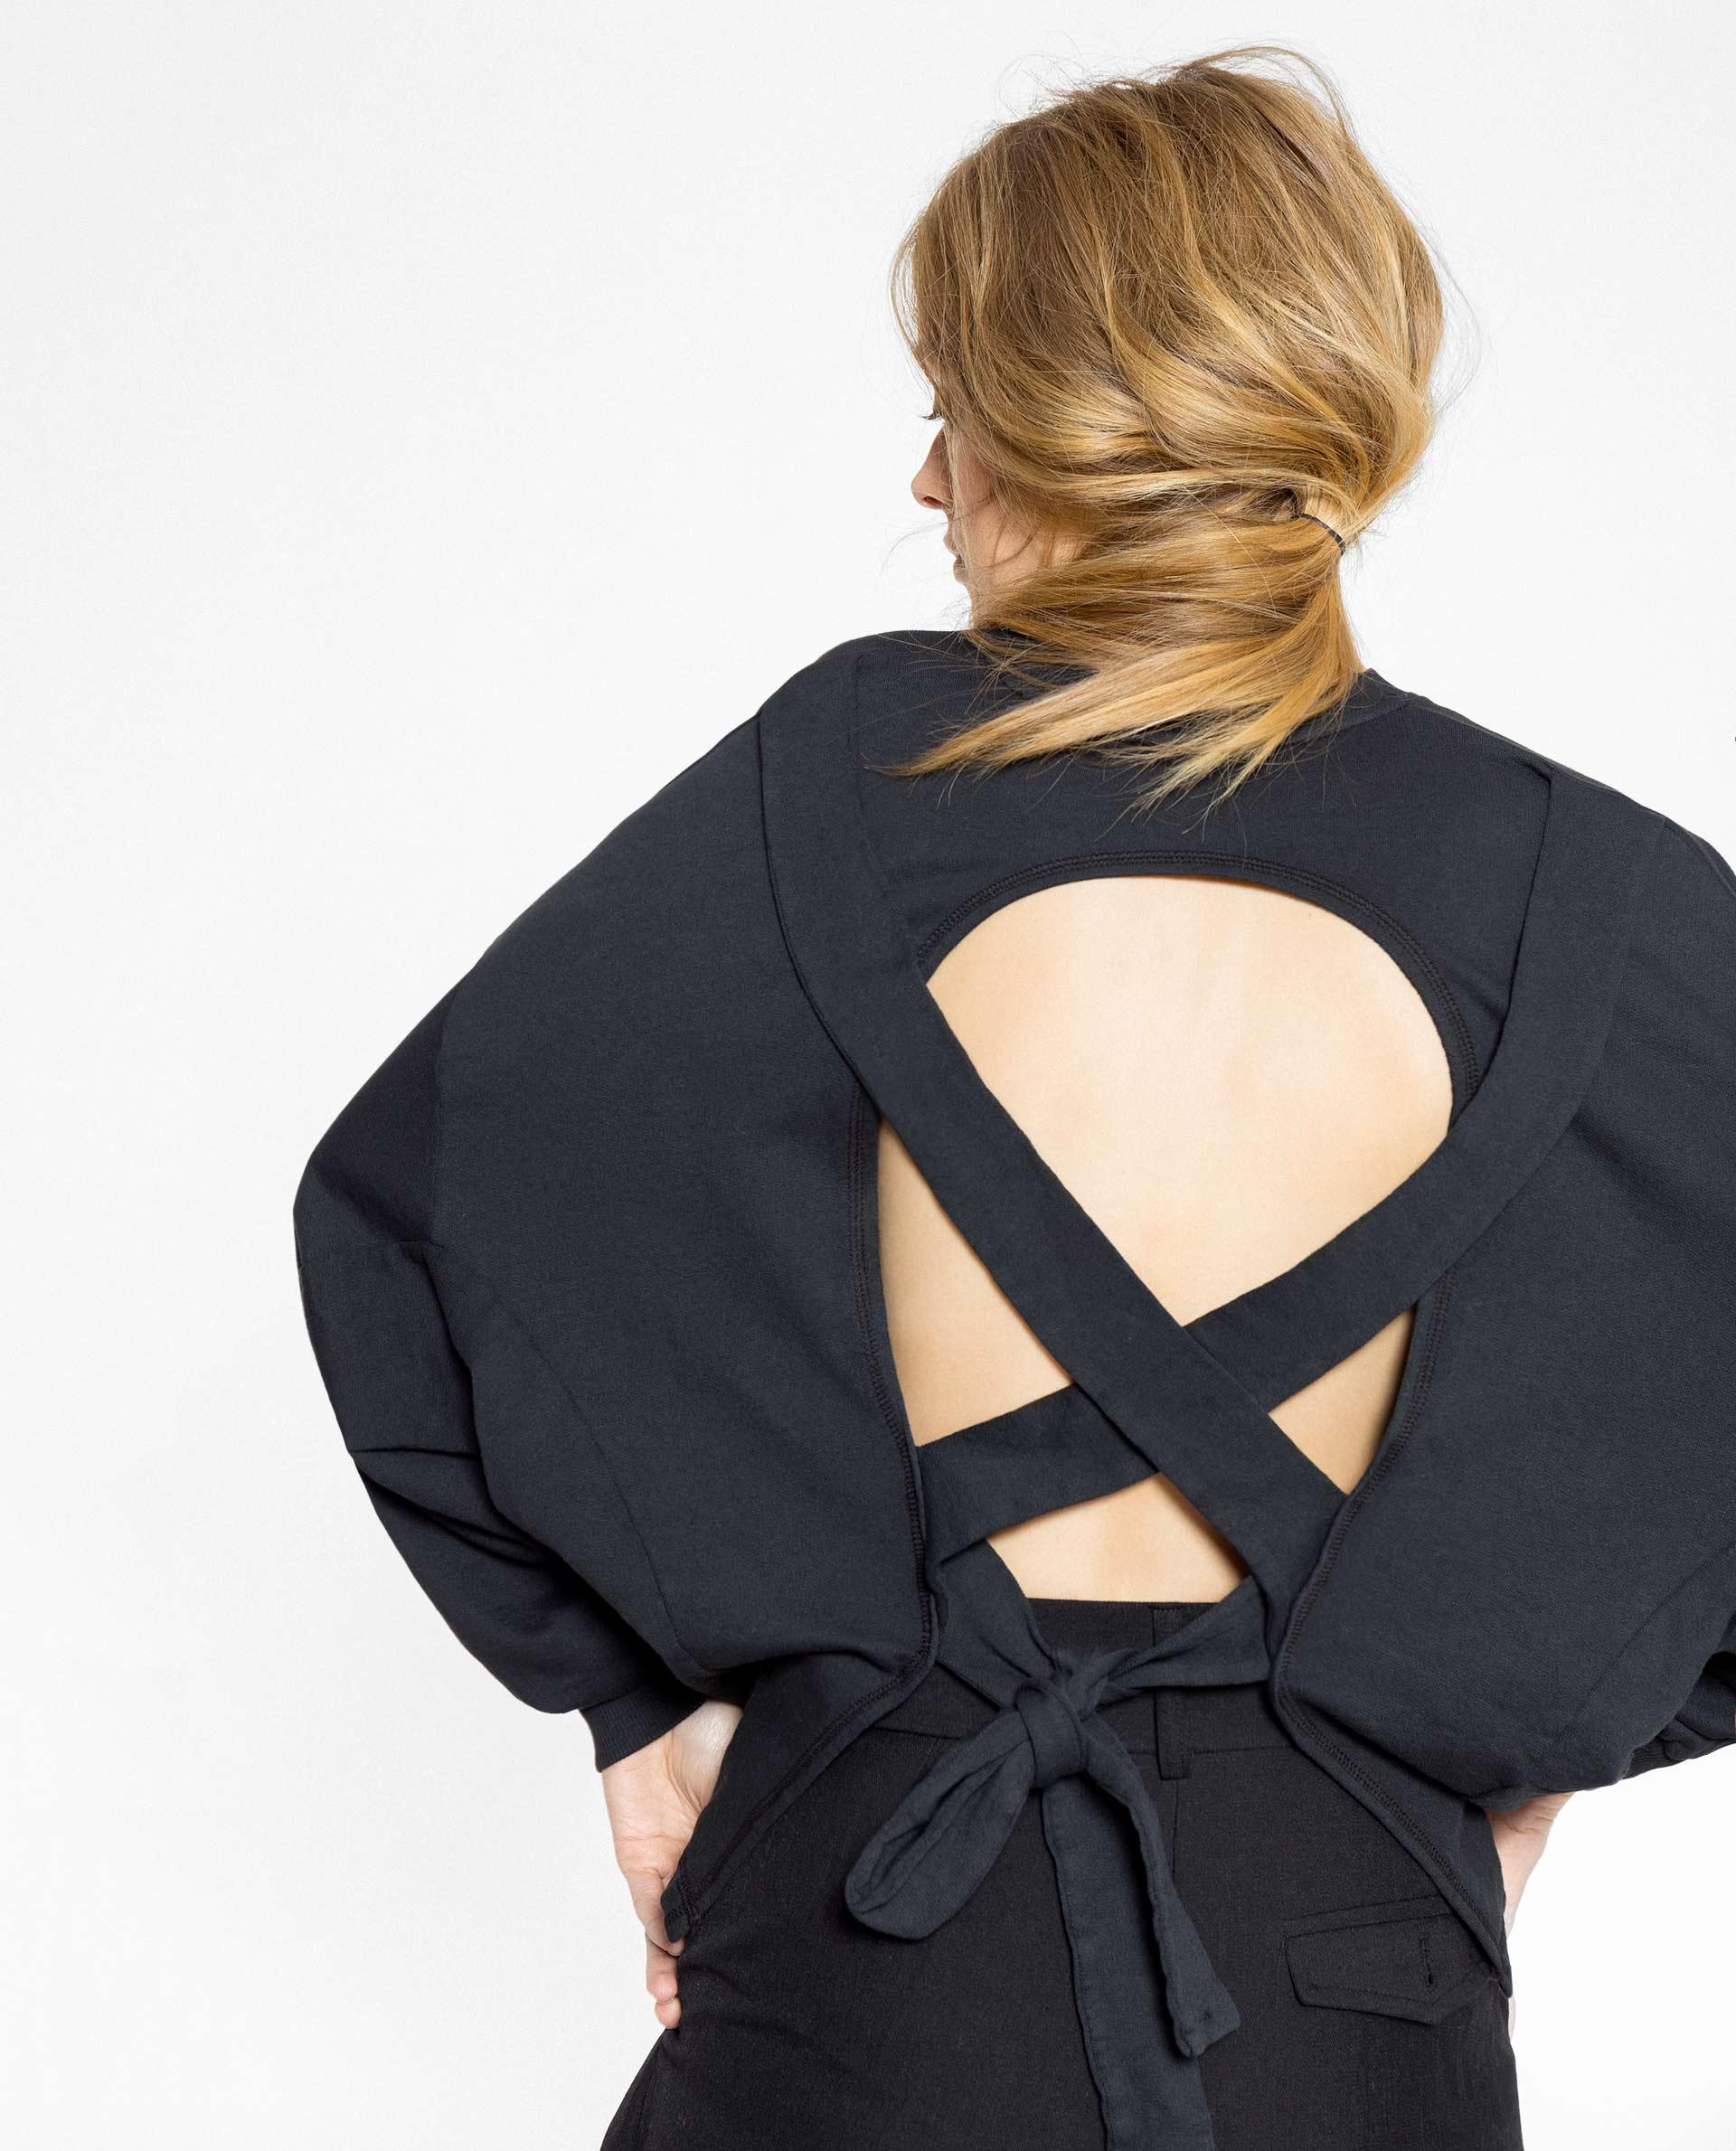 Nederlandse Kleding Webshops.Alle Nederlandse Fair Fashion Webshops Op Een Rij Kouwekleren